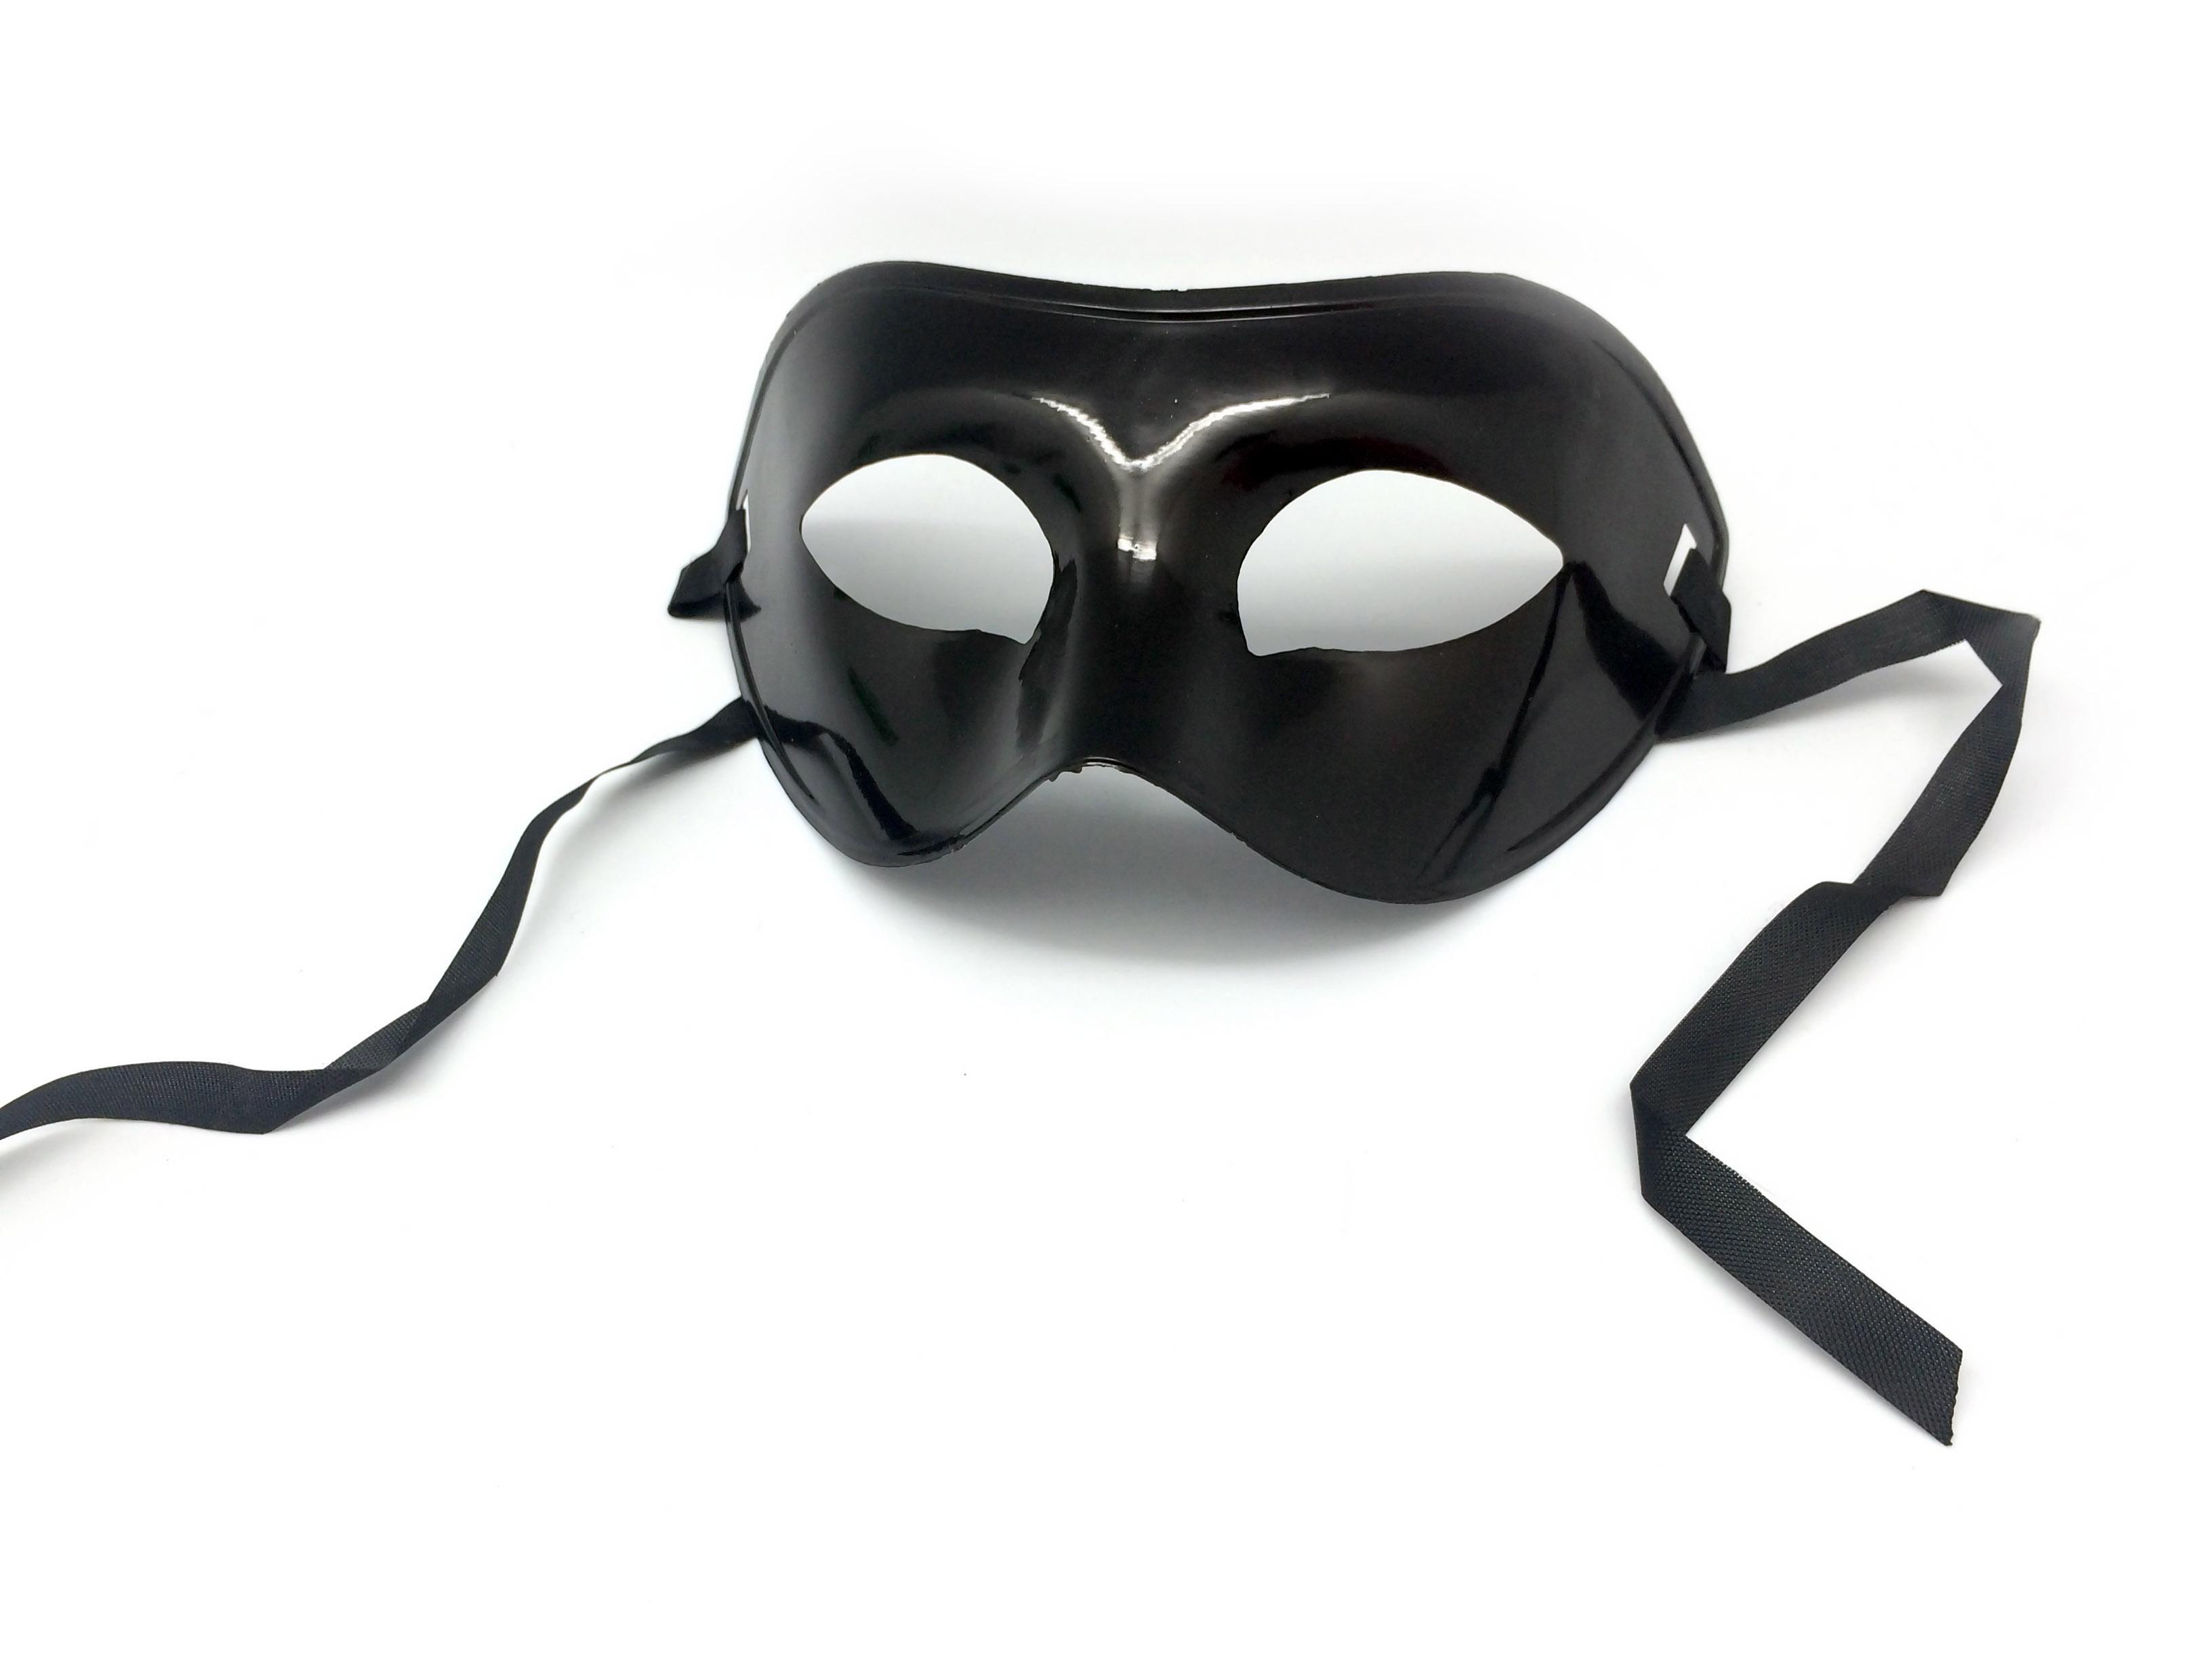 где купить маску для карнавала в москве